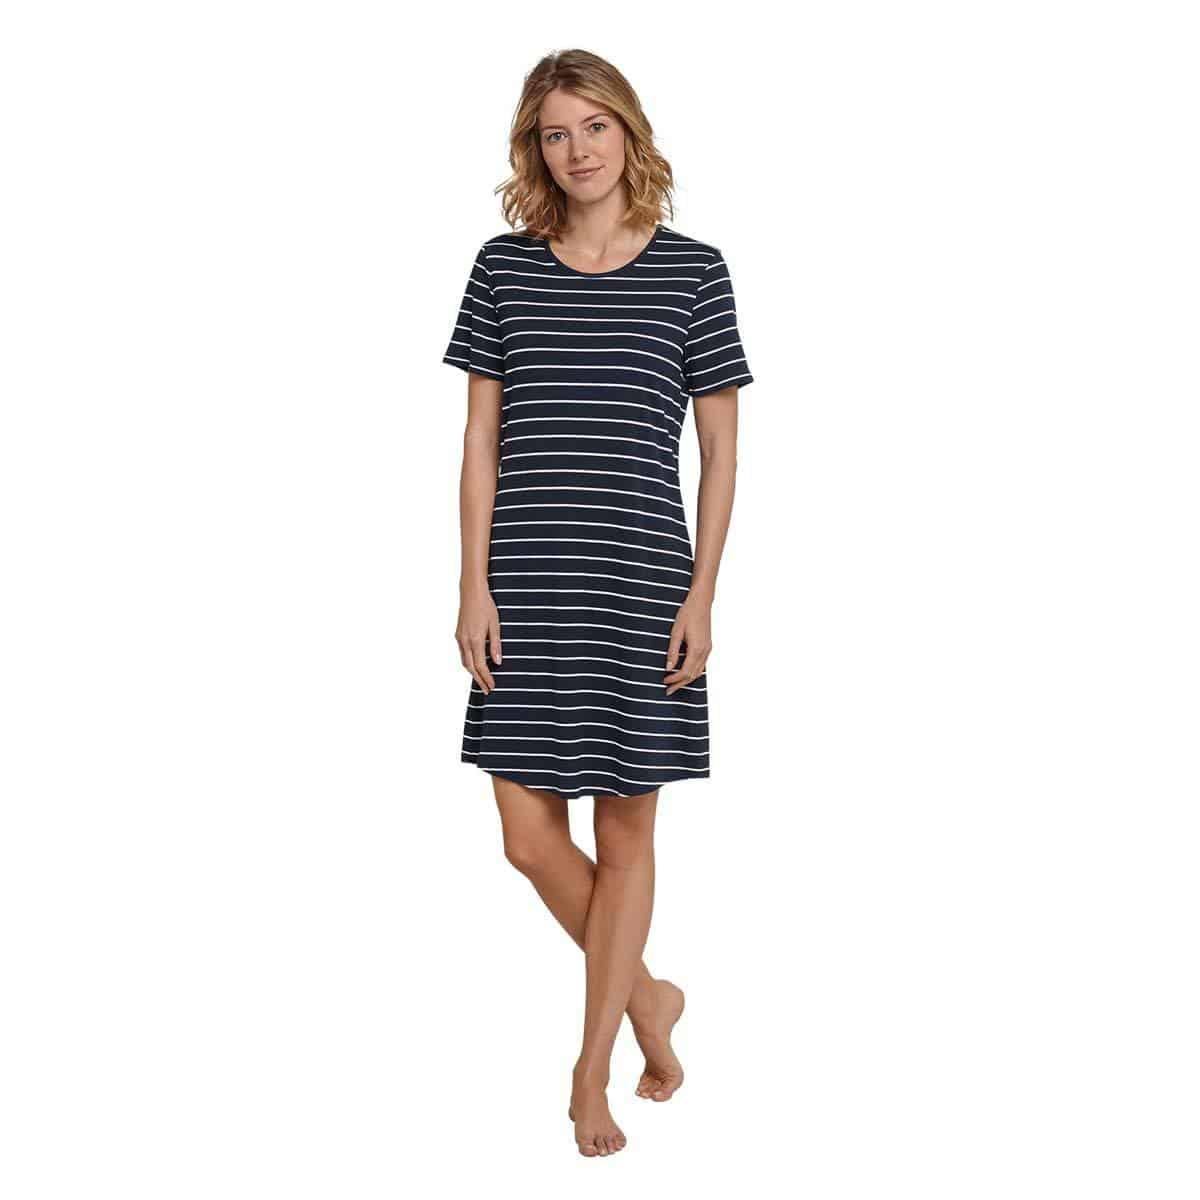 Schiesser Damen Nachthemd 1/2 Arm nachtblau